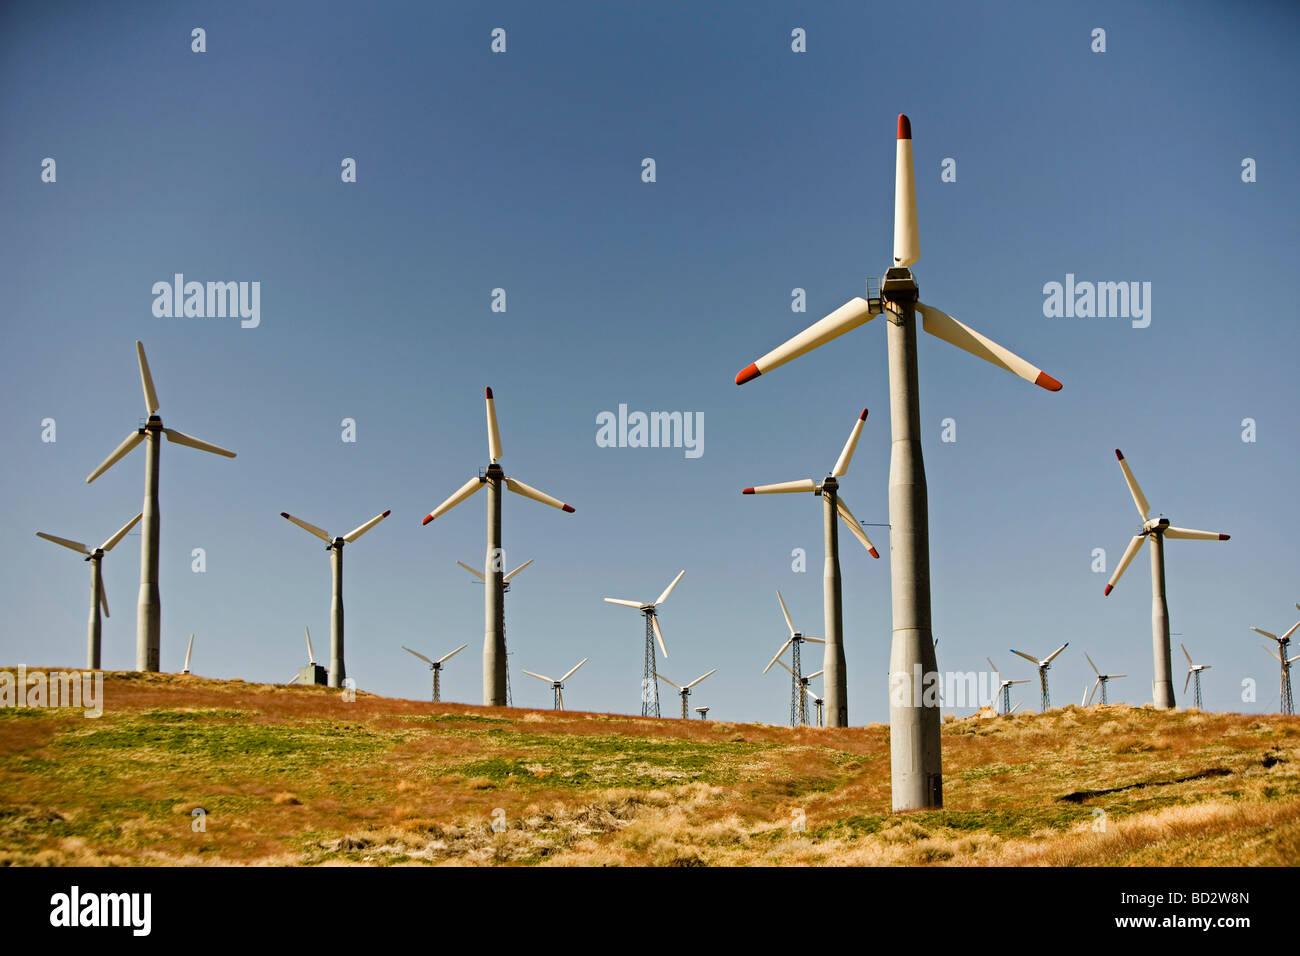 Las turbinas eólicas generadoras de electricidad Foto de stock